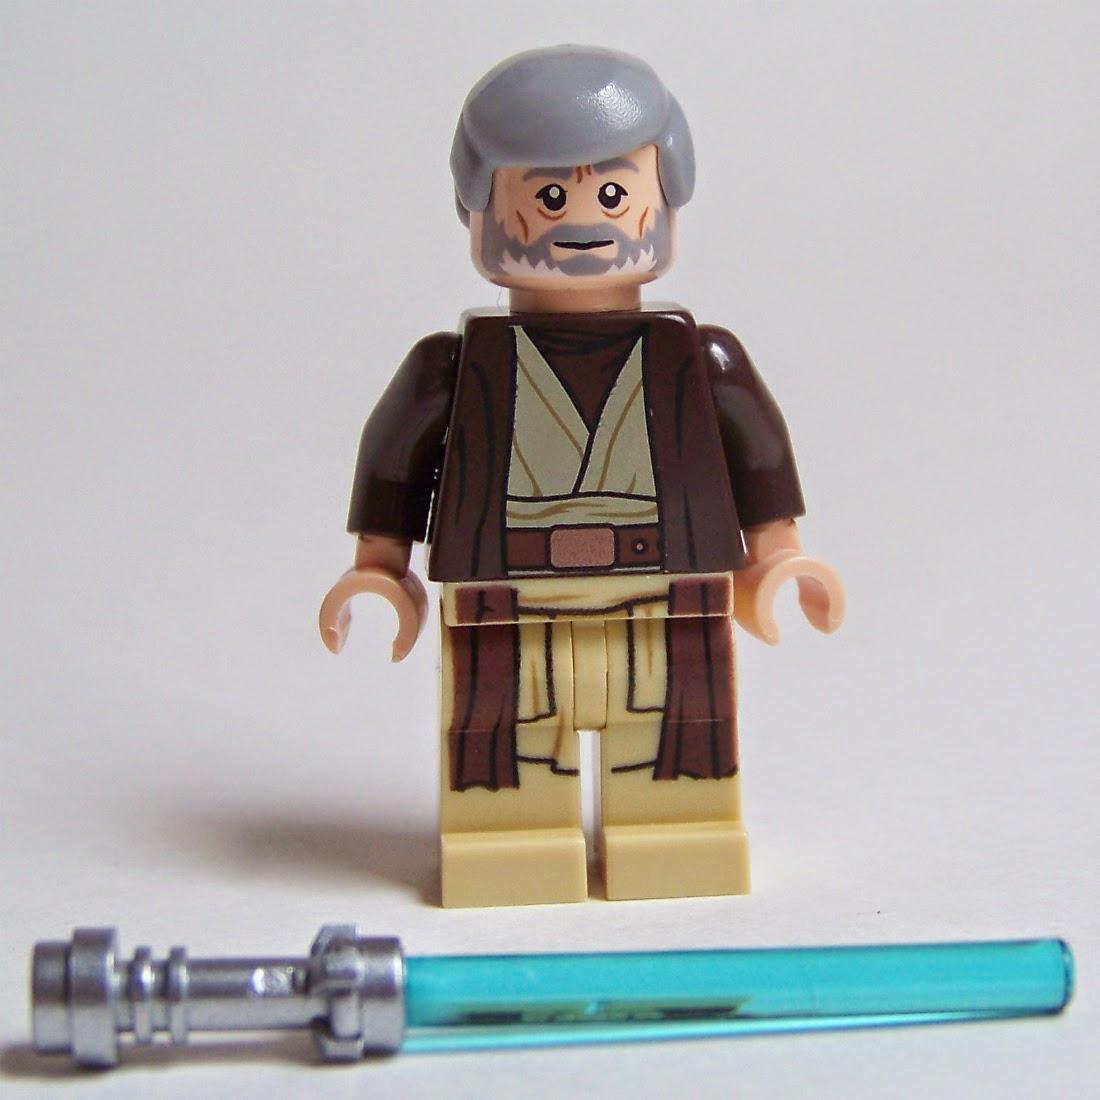 LEGO Ben Kenobi minifigure 2014